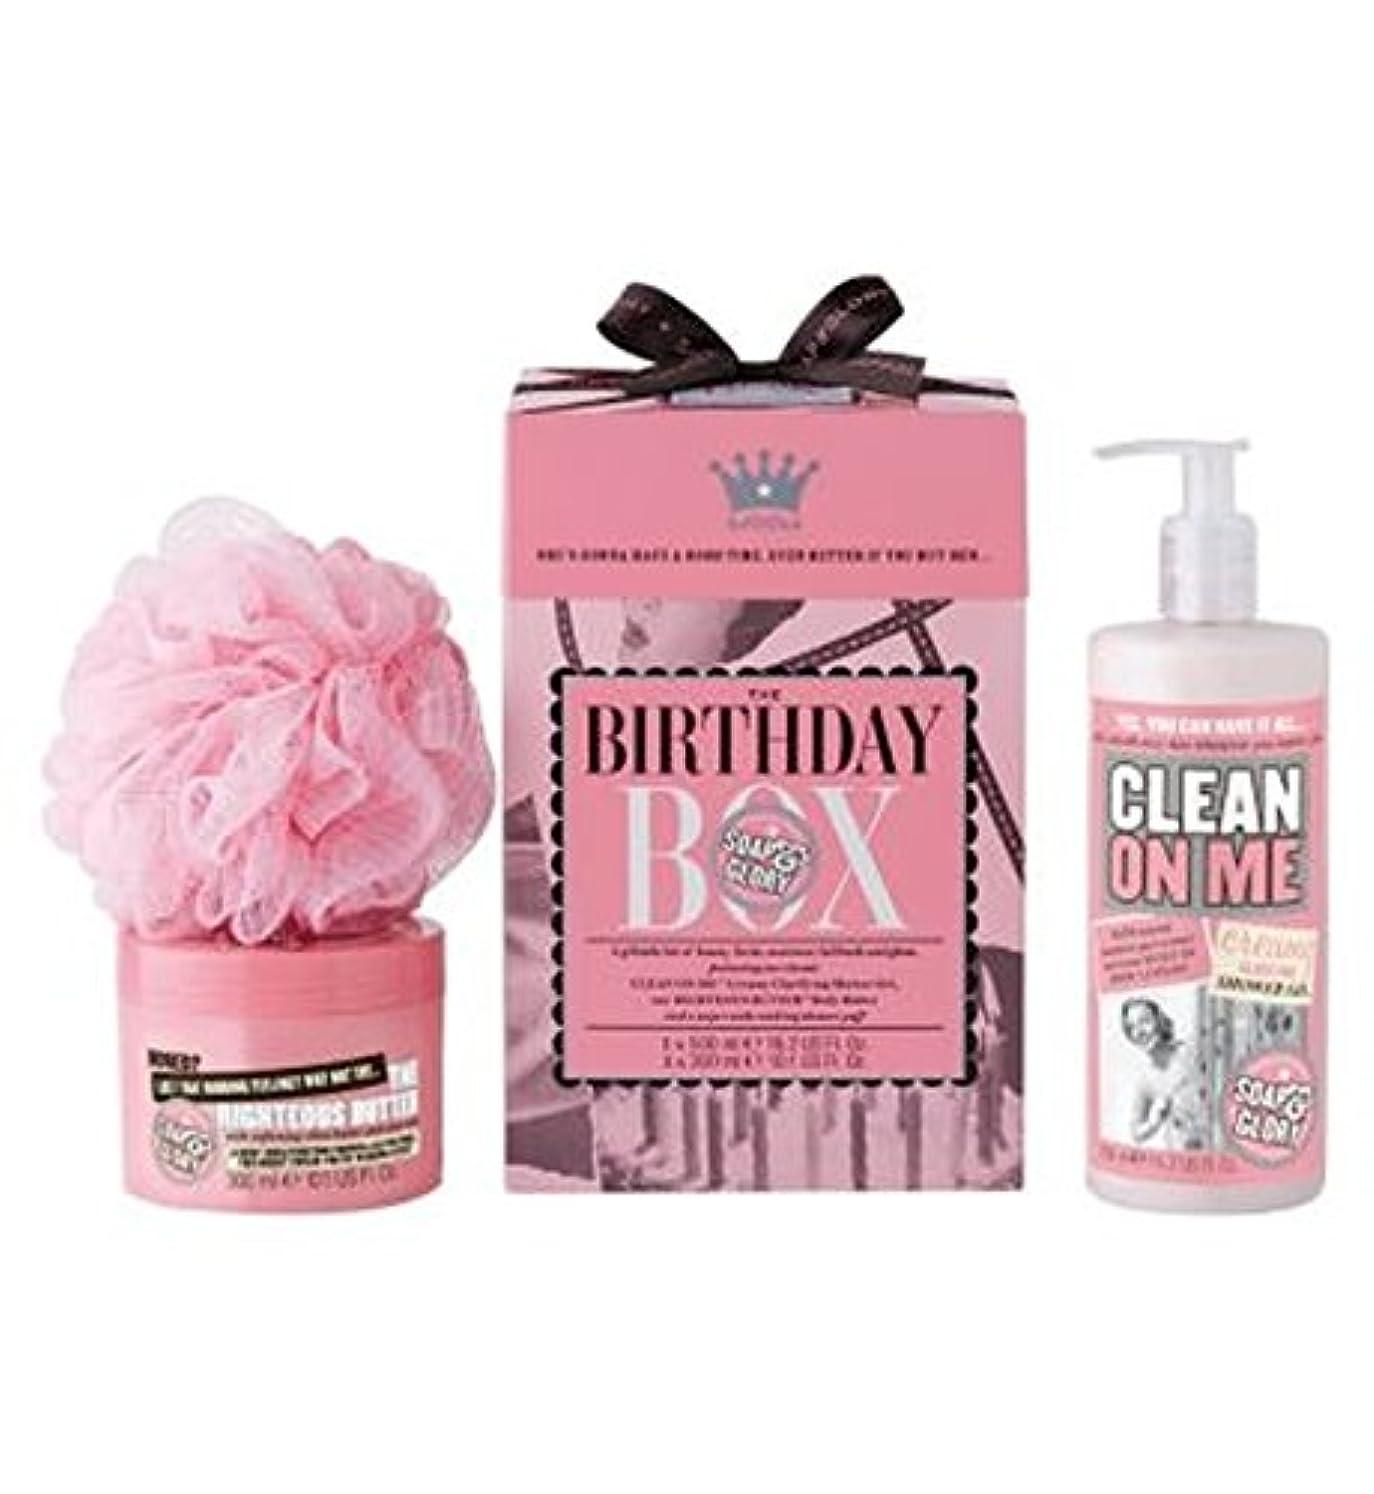 無限灰統治するSoap & Glory The Birthday Box Gift Set - 石鹸&栄光の誕生日箱のギフトセット (Soap & Glory) [並行輸入品]